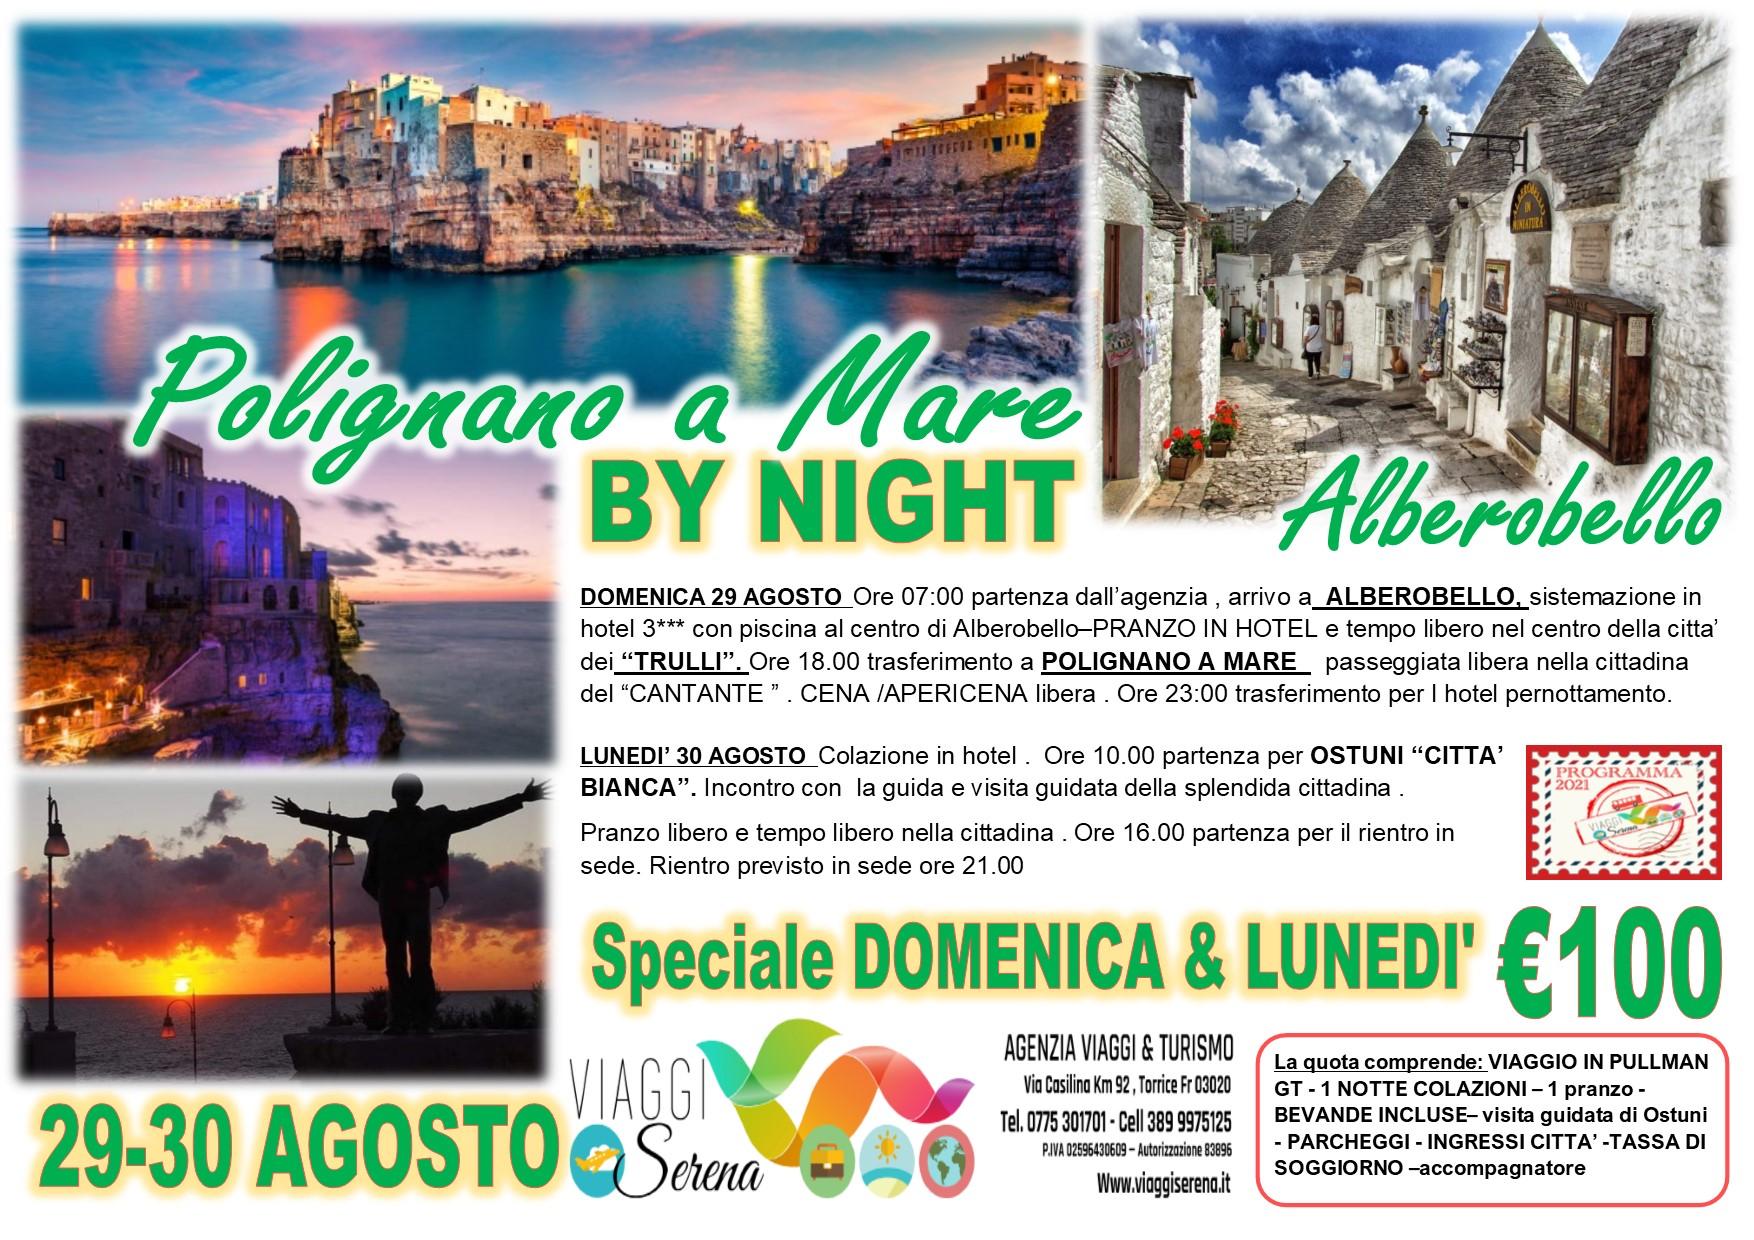 Viaggi di Gruppo:  Polignano a Mare , Alberobello & Ostuni 29-30 Agosto € 100,00